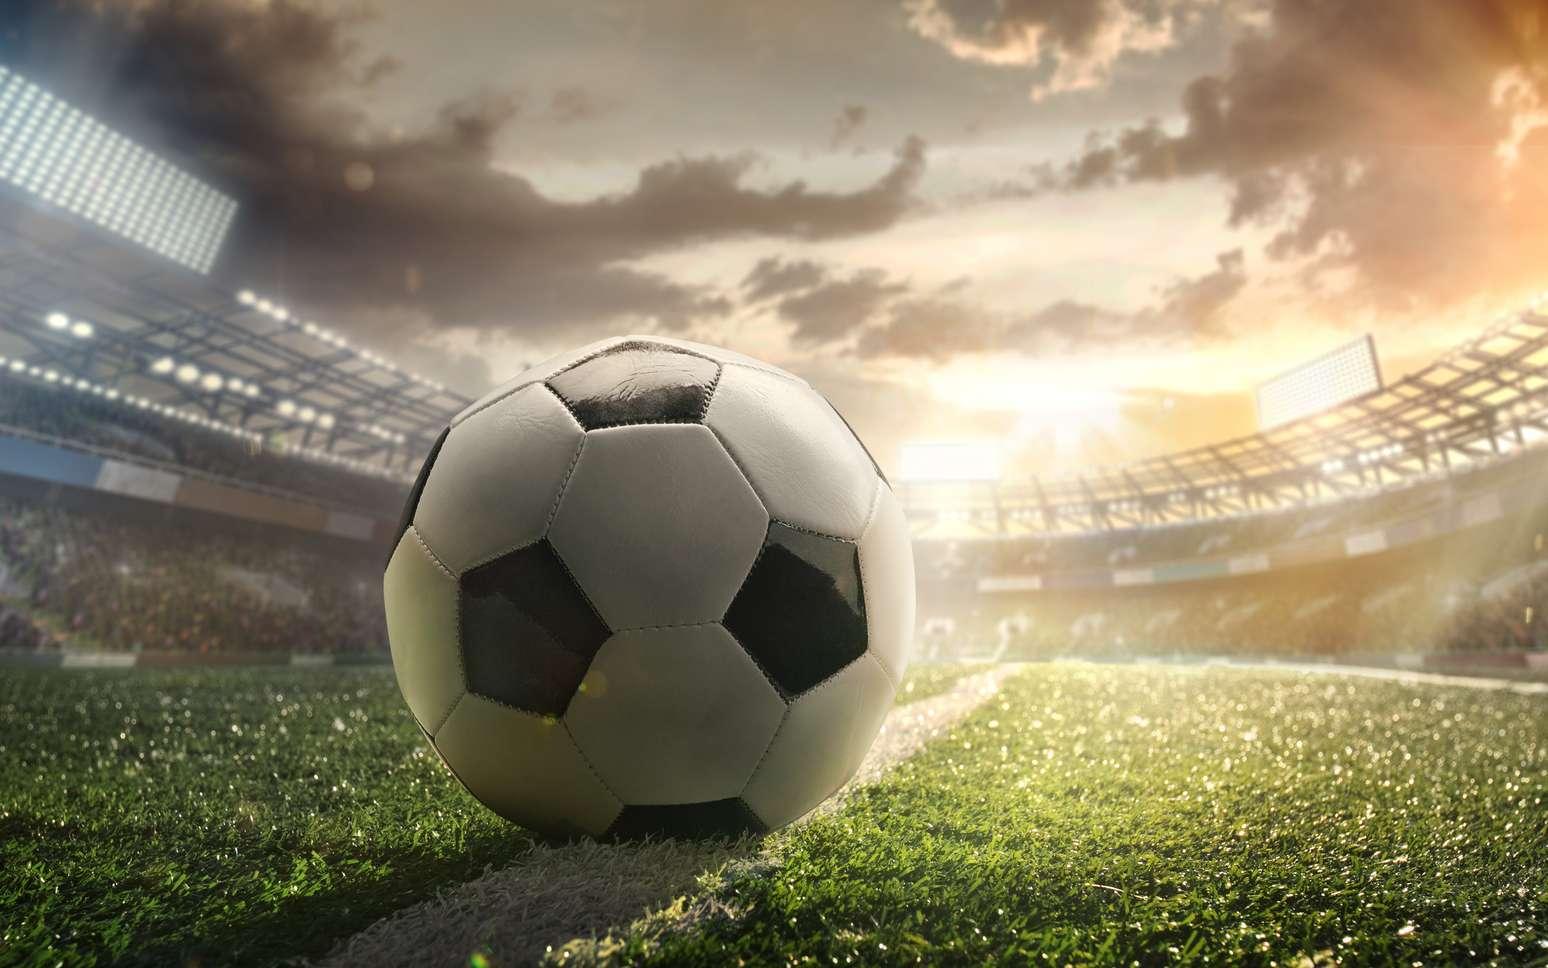 Quelle est la forme d'un ballon de football ? Est-il vraiment rond ? © vitaliy_melnik, fotolia